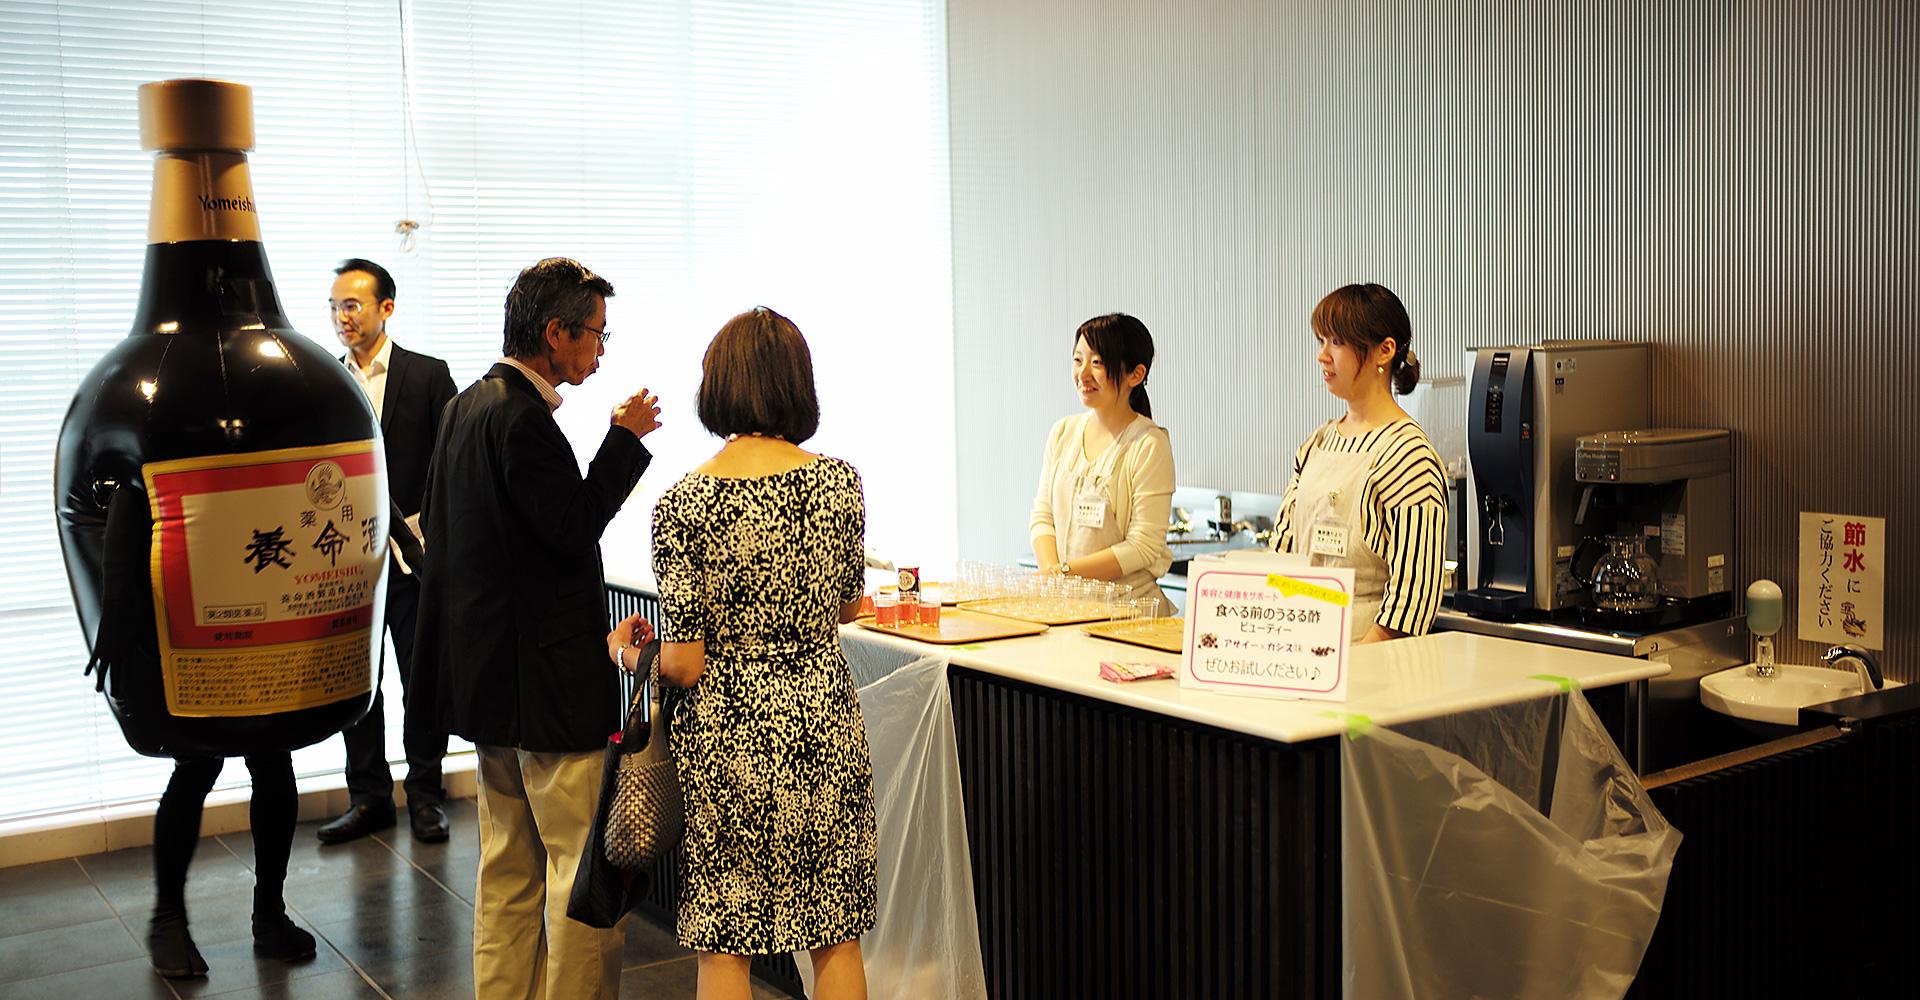 ザ・ブラザース・フォアジャパンツアー2016 in 渋谷区文化総合センター大和田一覧画像